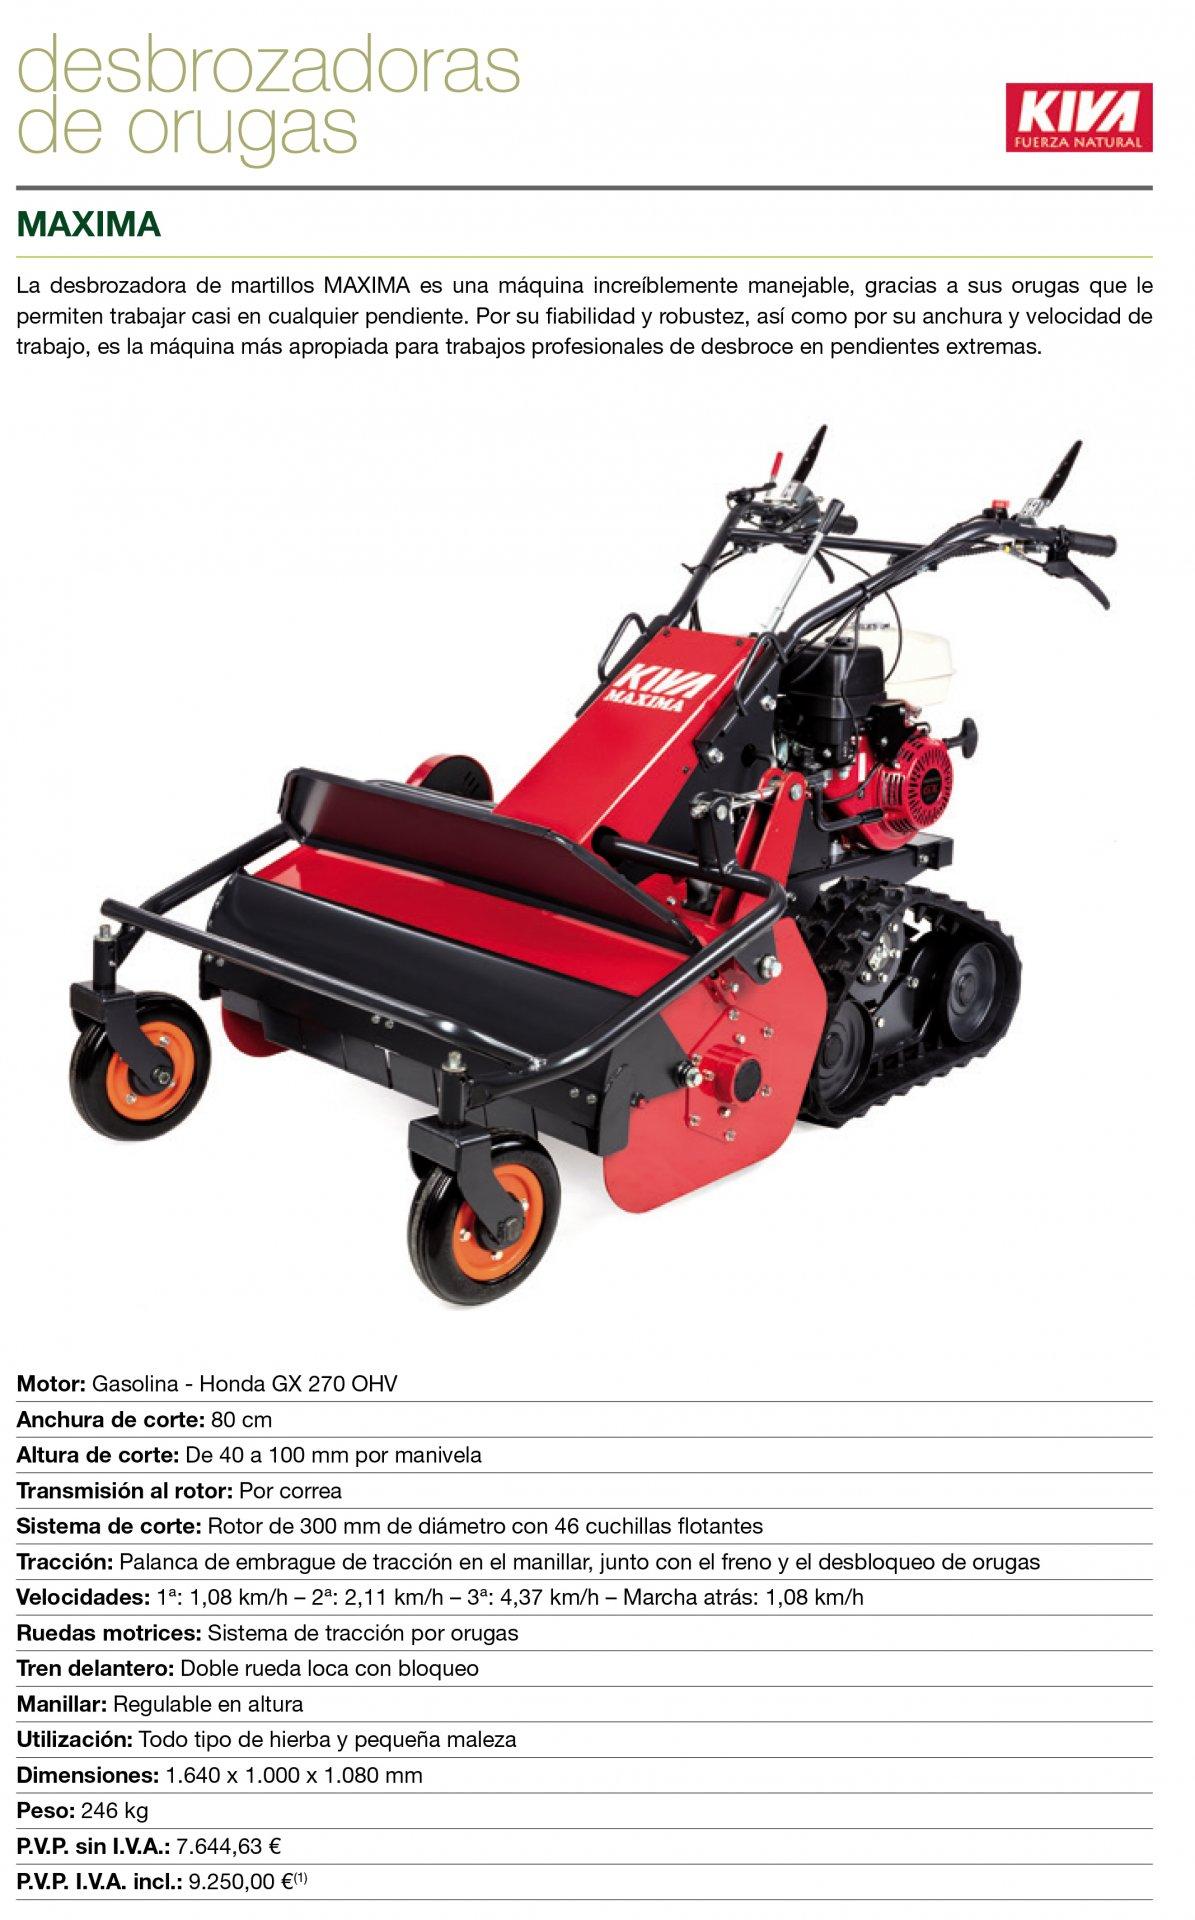 Desbrozadora de ruedas con martillos KIVA Maxima motor HONDA